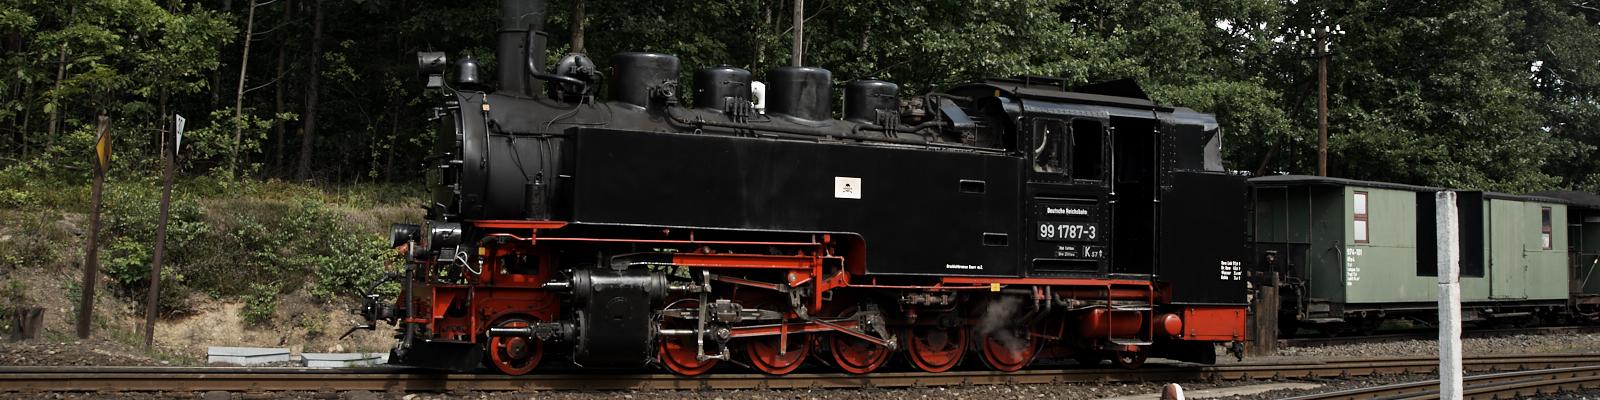 Zittauer Gebirge - Große Schmalspurbahn-Tour